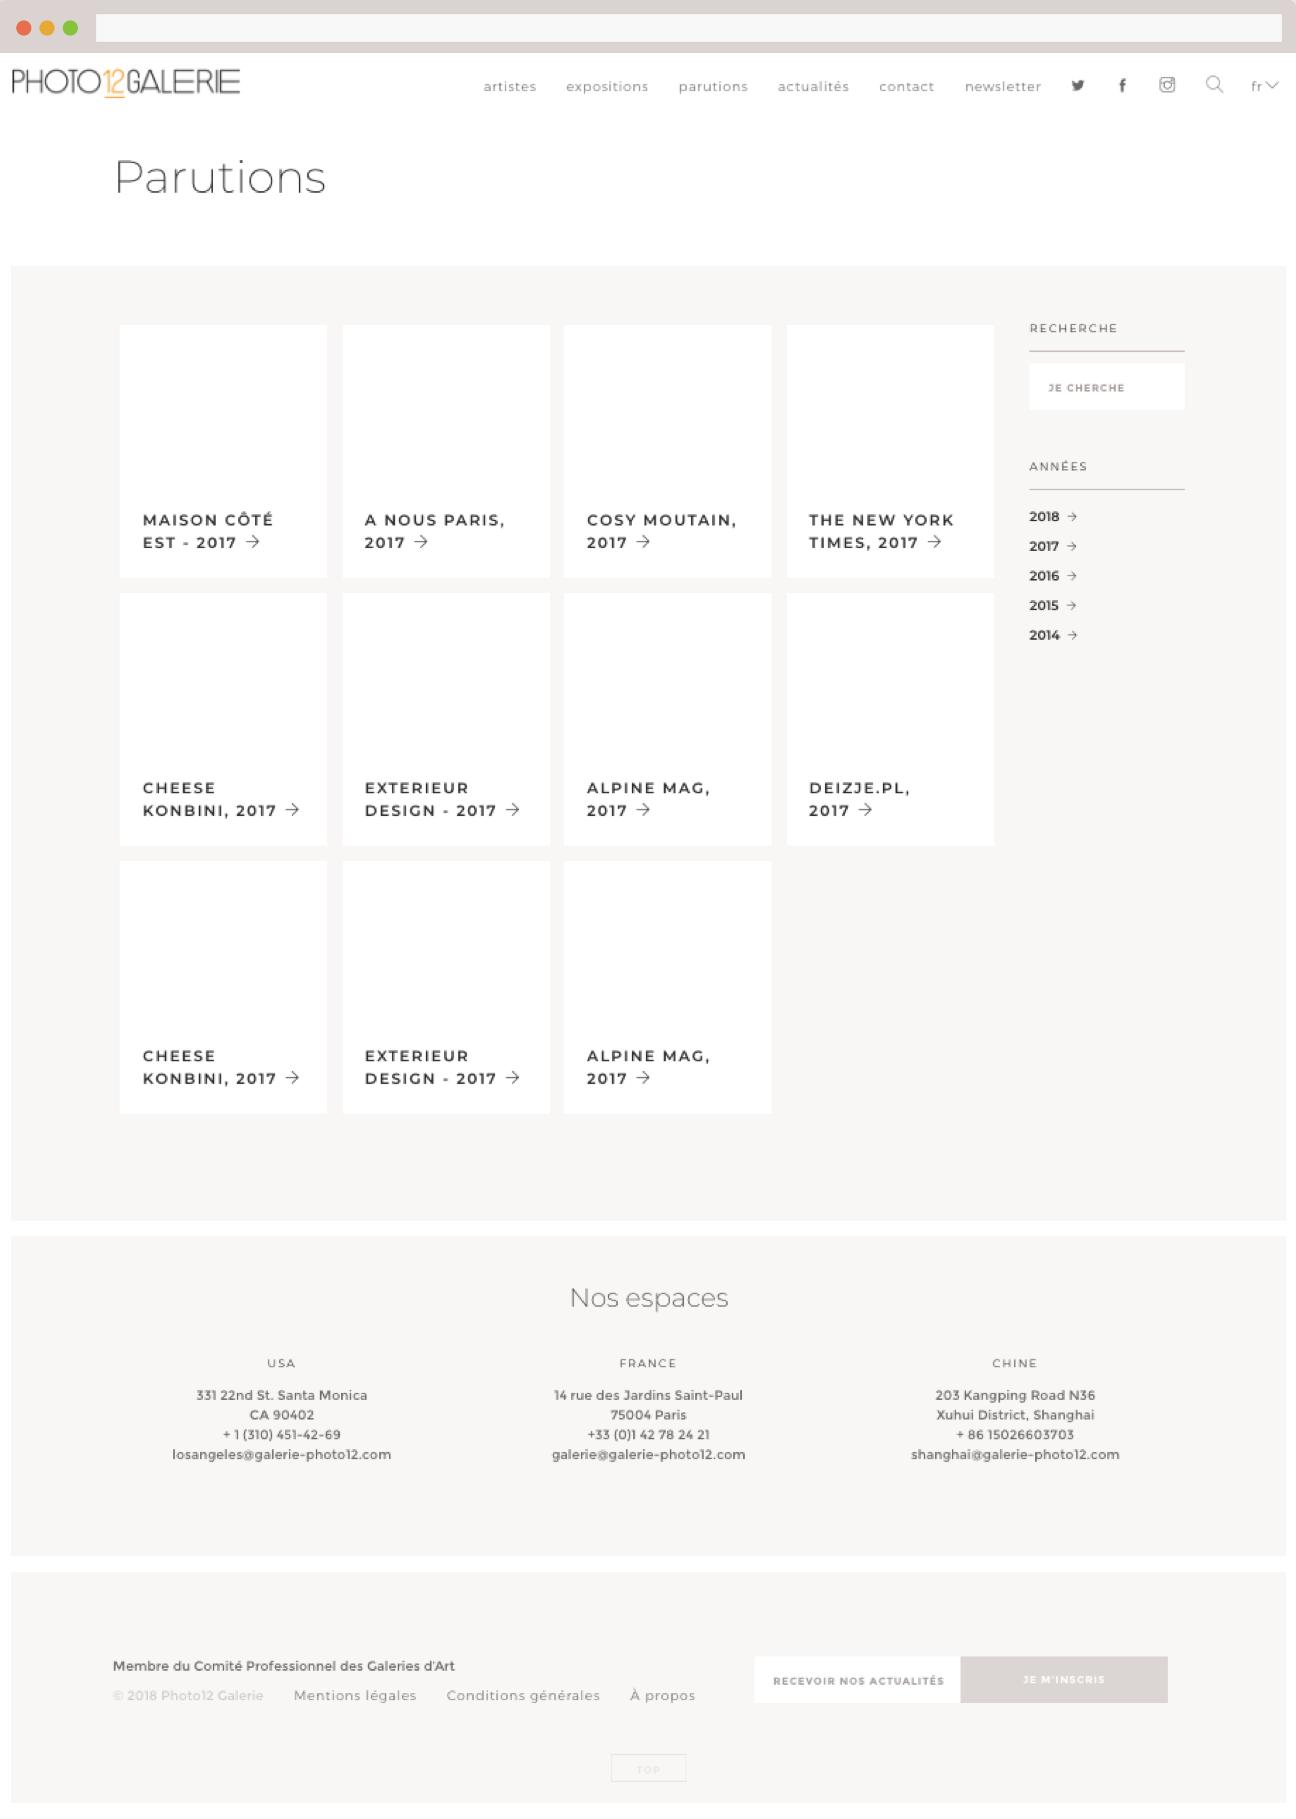 Création d'une charte graphique HTML/CSS : page presse